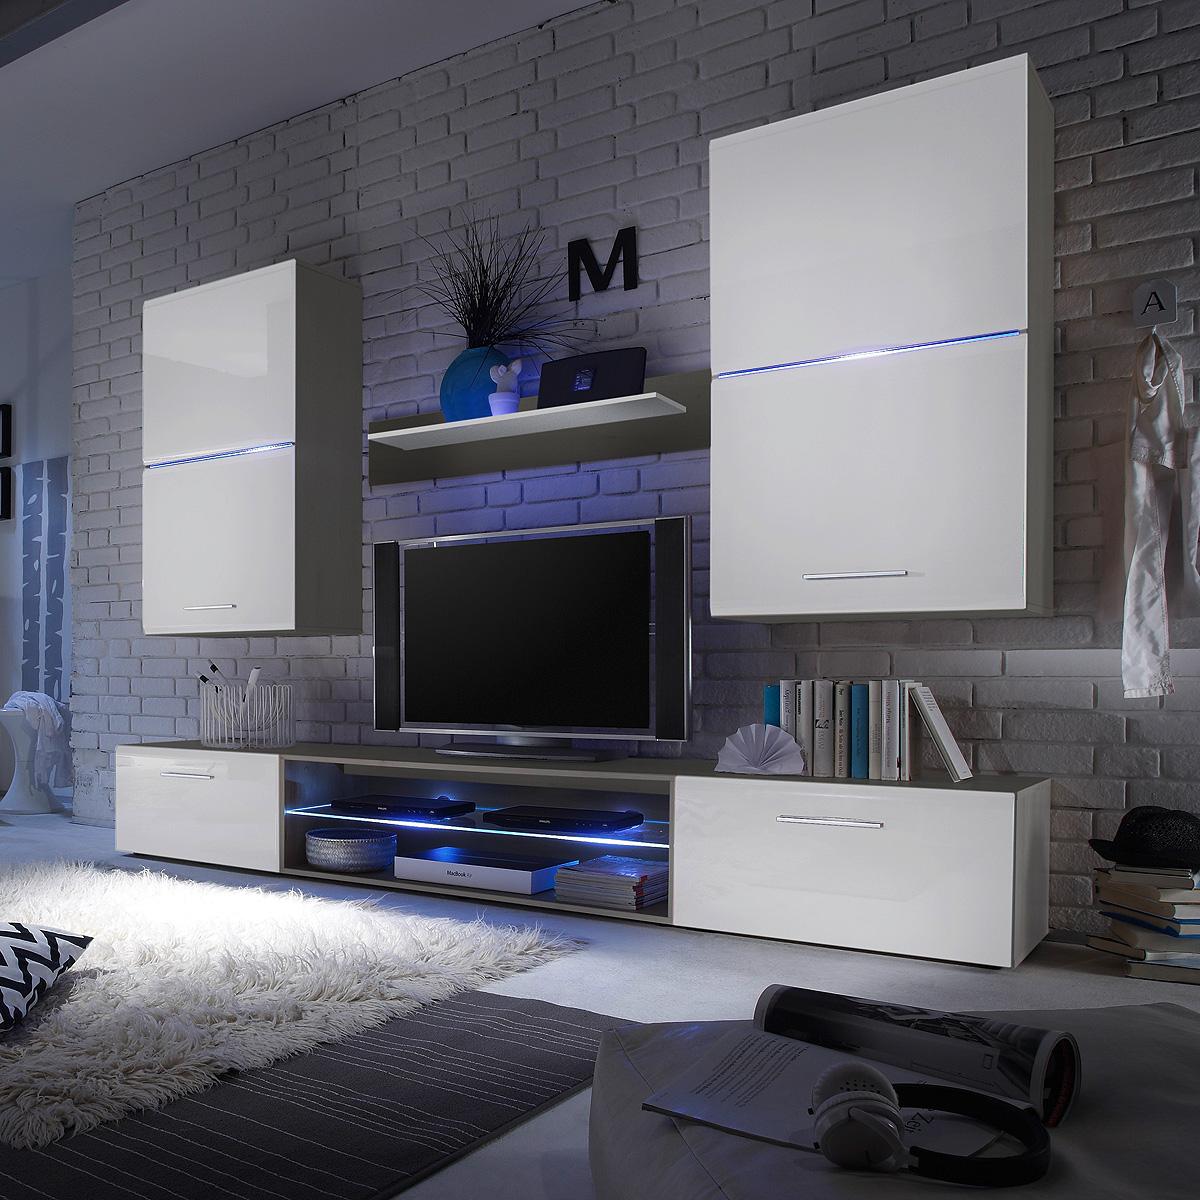 wohnwand blade 2 anbauwand wohnzimmer wohnkombi wei hochglanz titan mit led. Black Bedroom Furniture Sets. Home Design Ideas